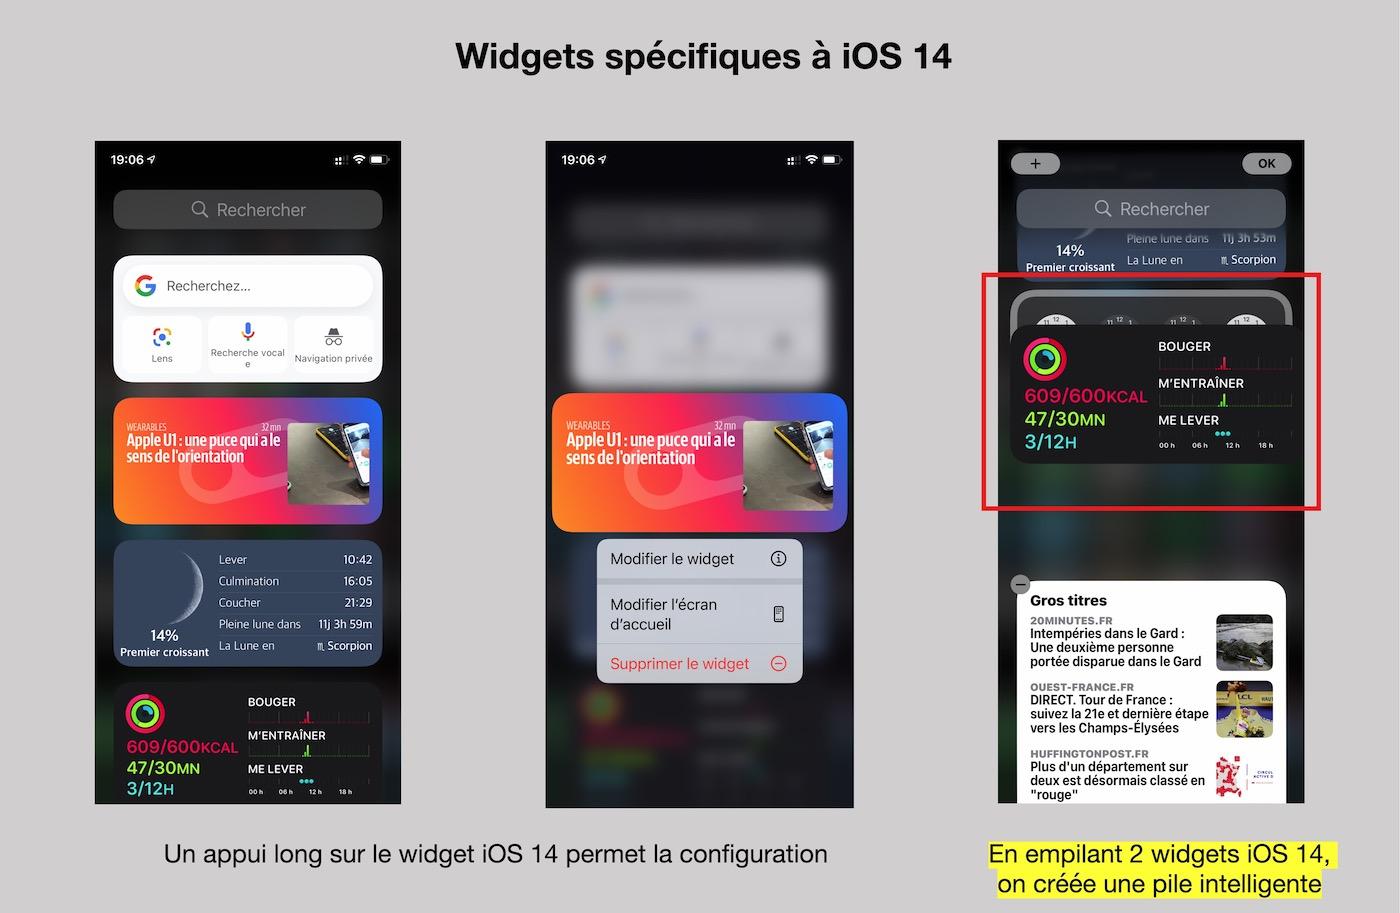 widgets iOS 14 et pile intelligente